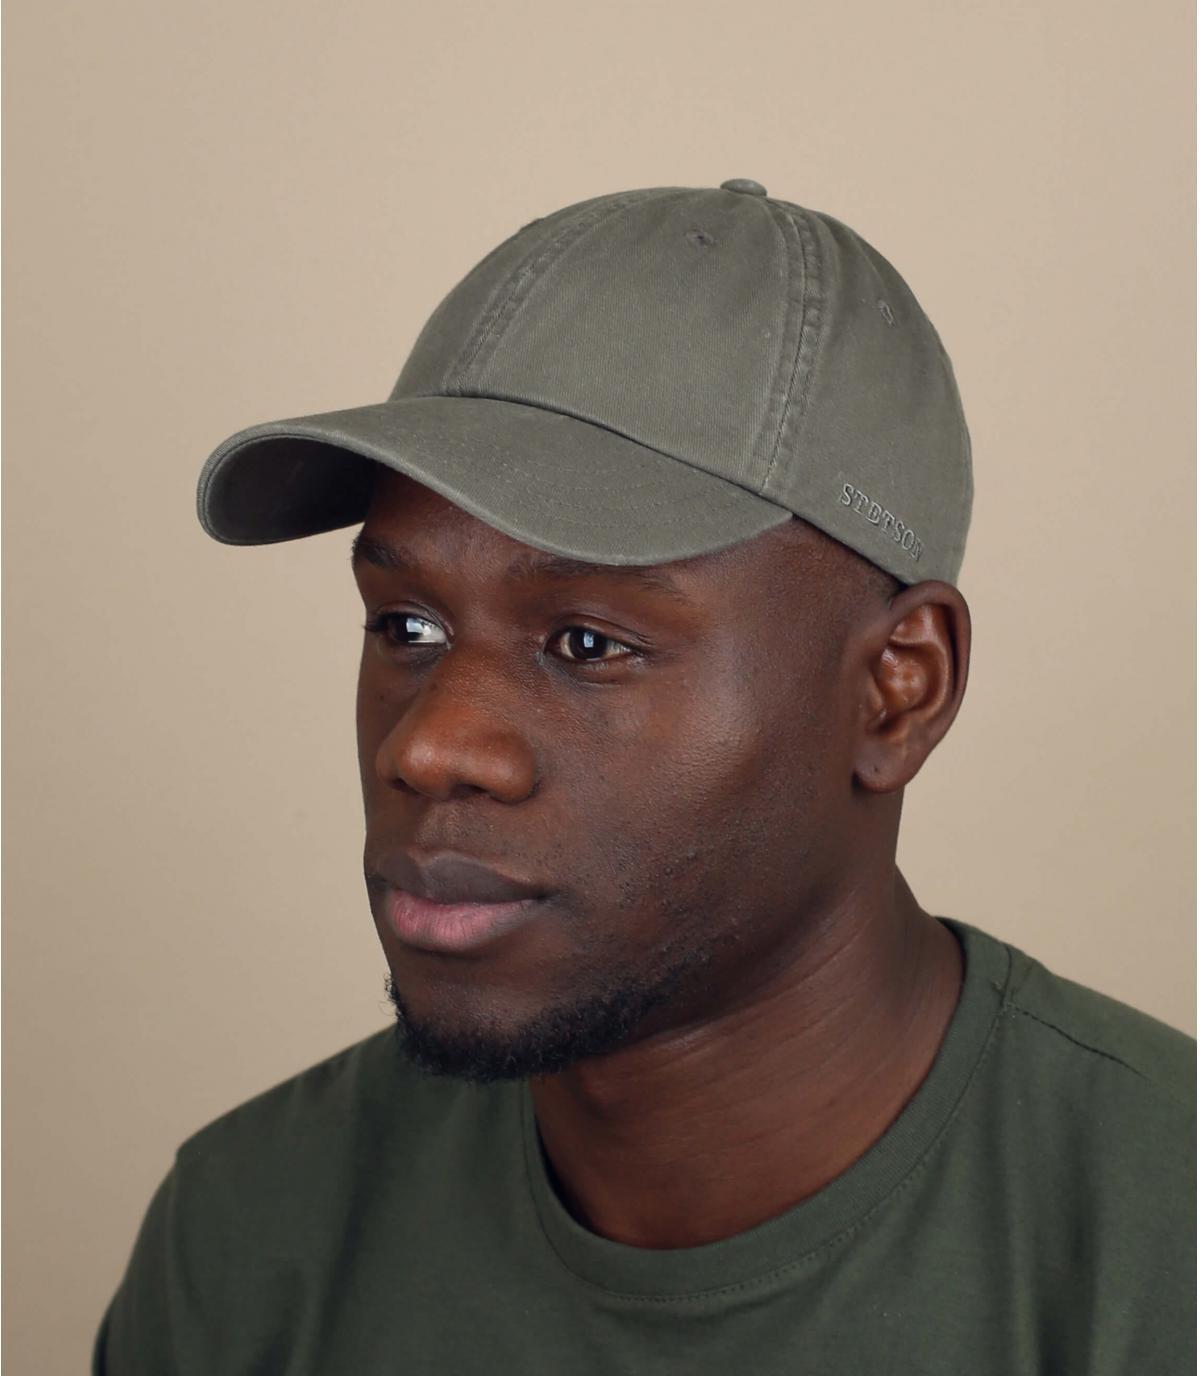 green Stetson cap